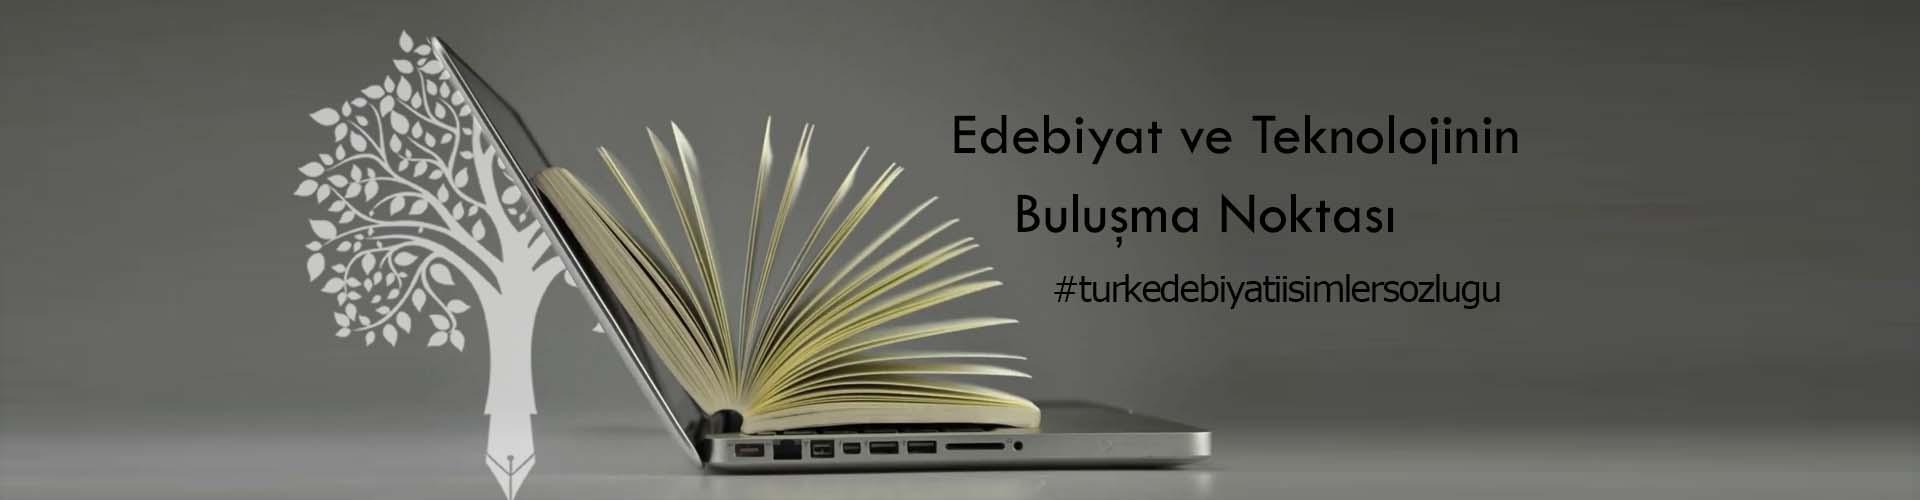 edebiyat ve teknolojinin buluşma noktası